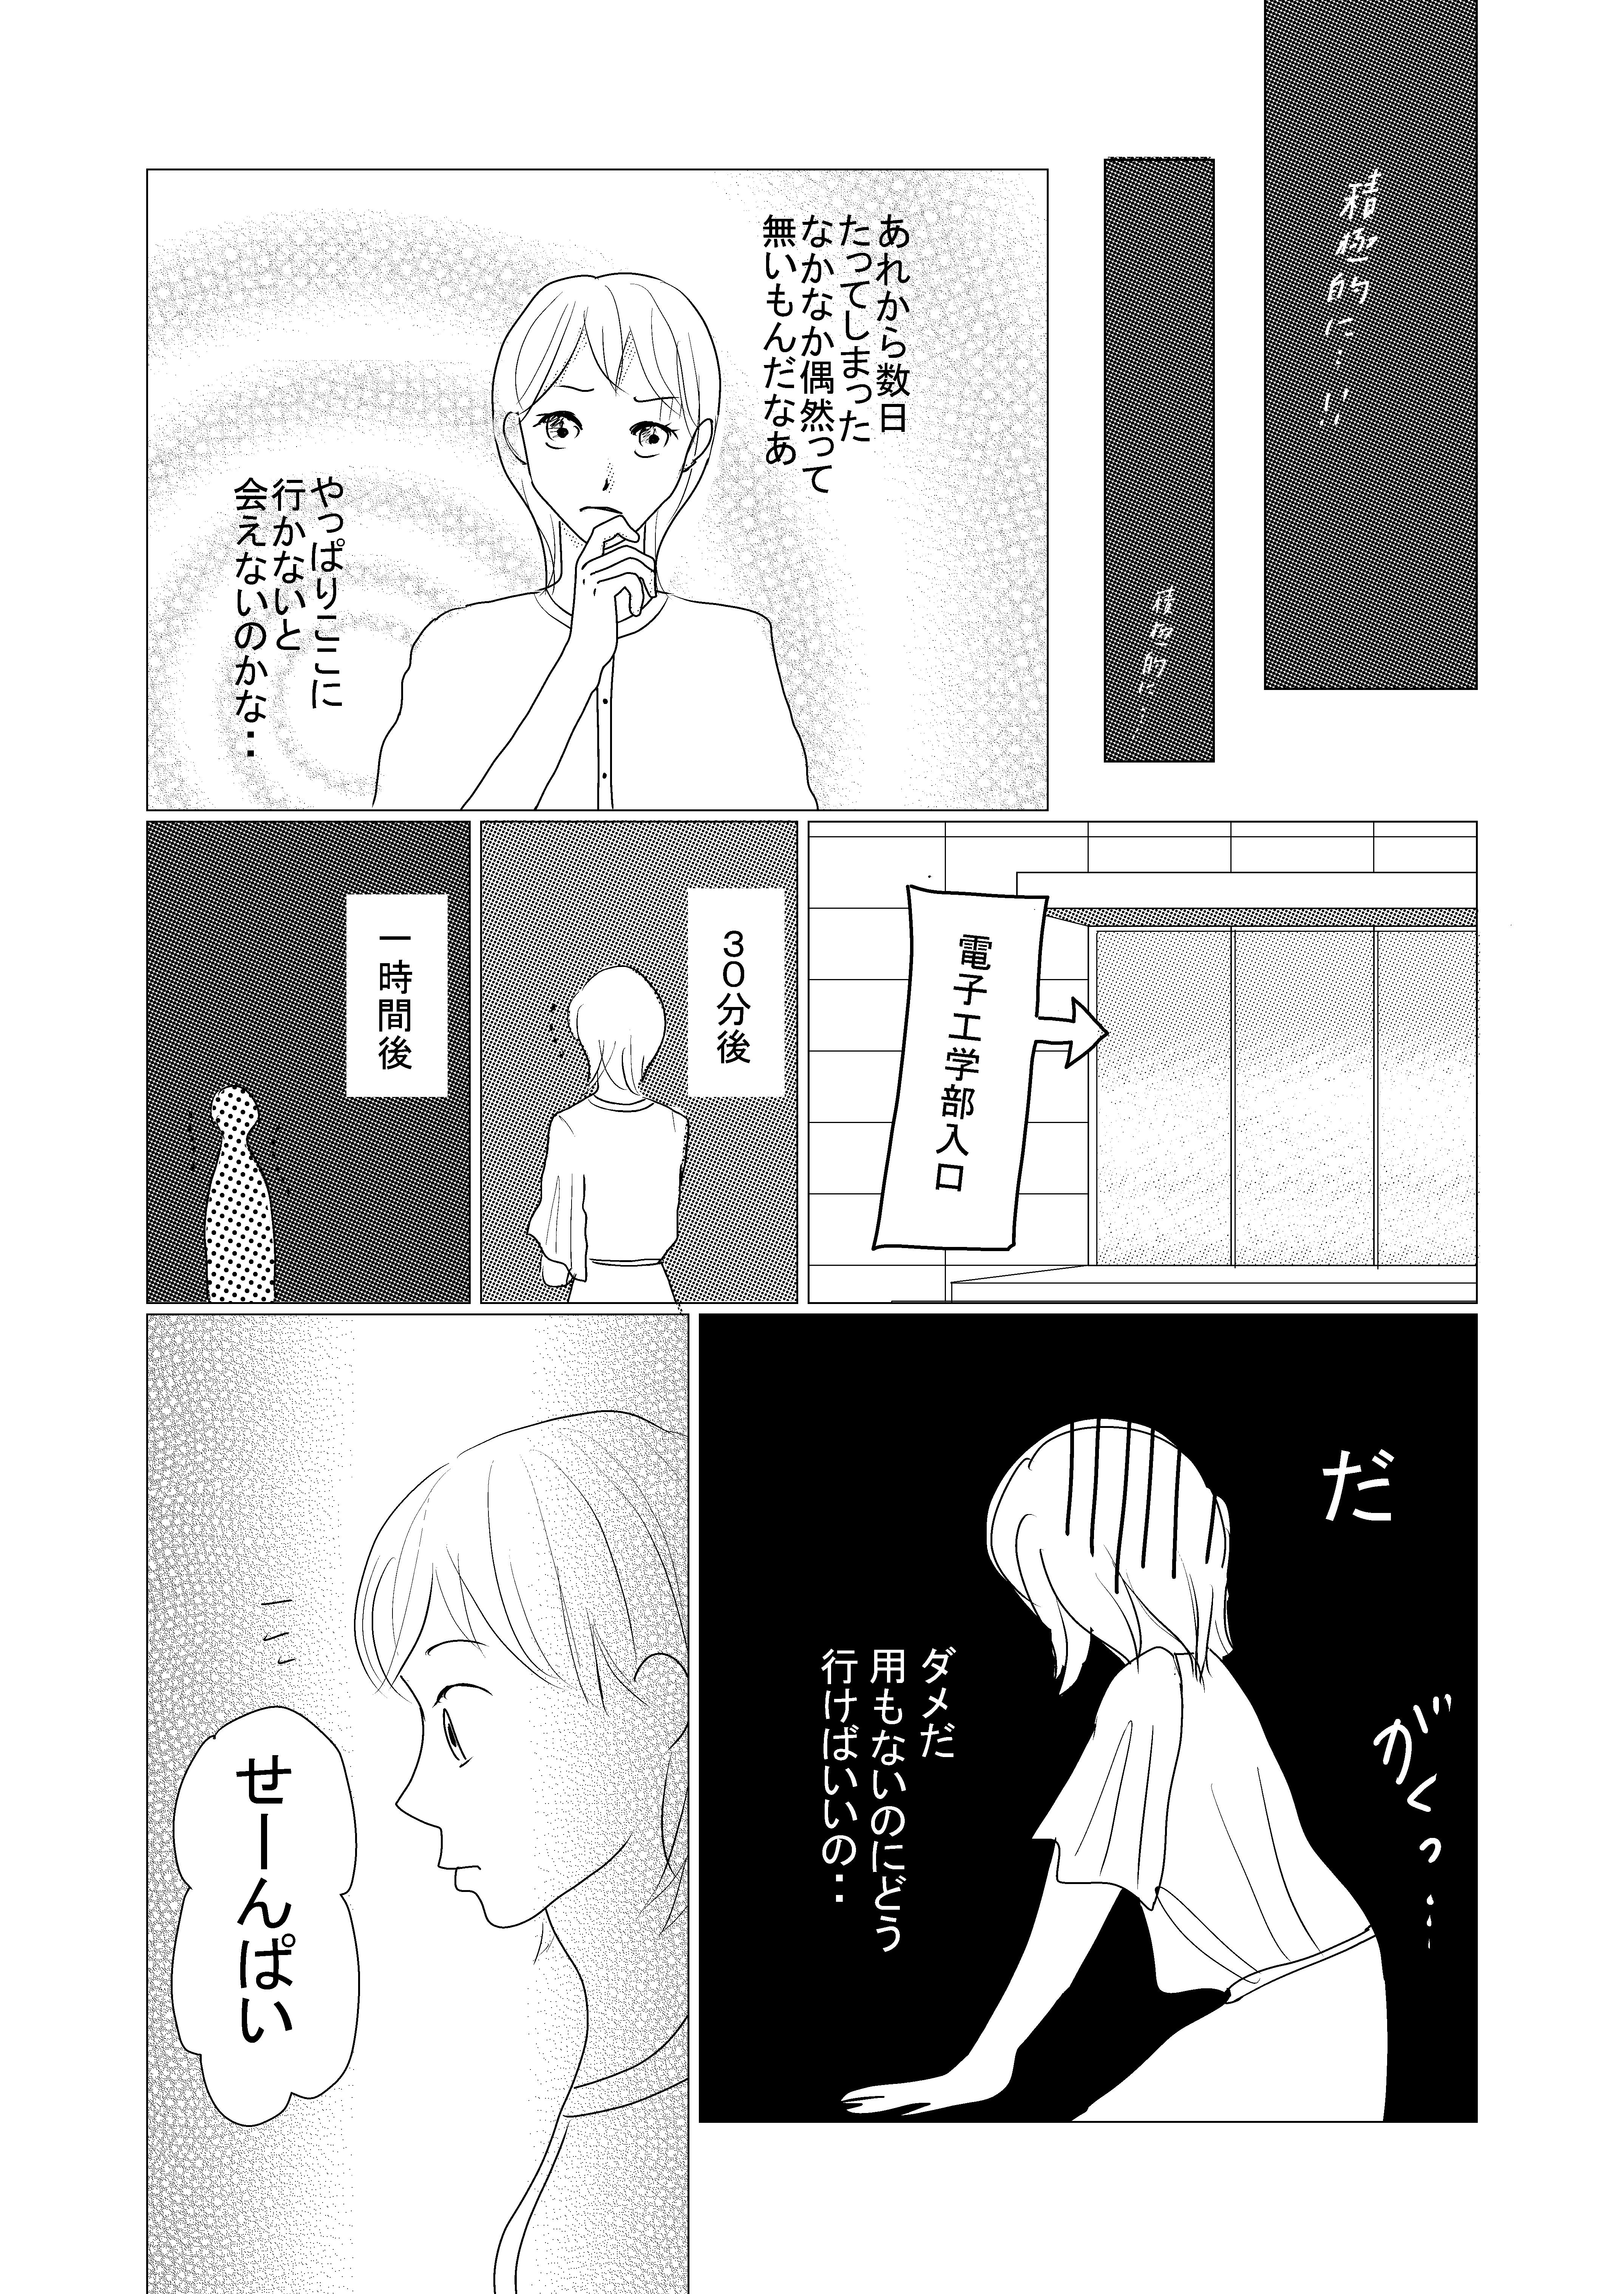 恋愛漫画/イケメン/大学生/社会人/大学生で初めて付き合う/初めての彼氏/shoujyo manga/米加夢/54ページ